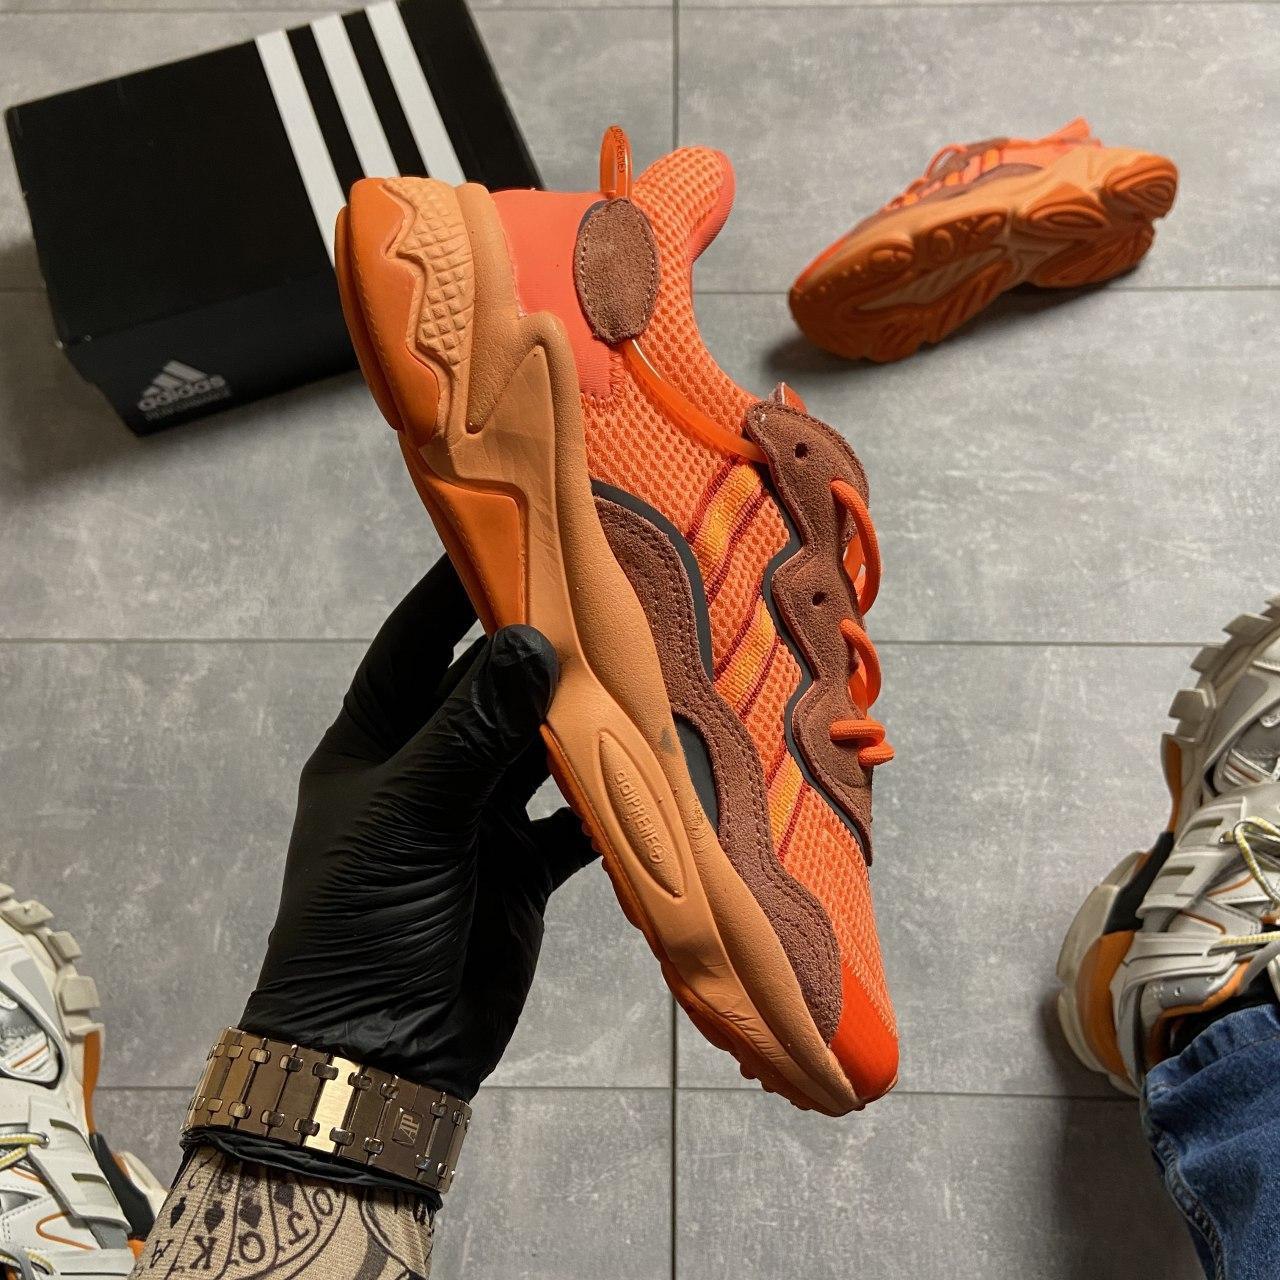 Женские кроссовки Adidas Ozweego Orange Red, Женские Адидас Озвиго Оранжевые